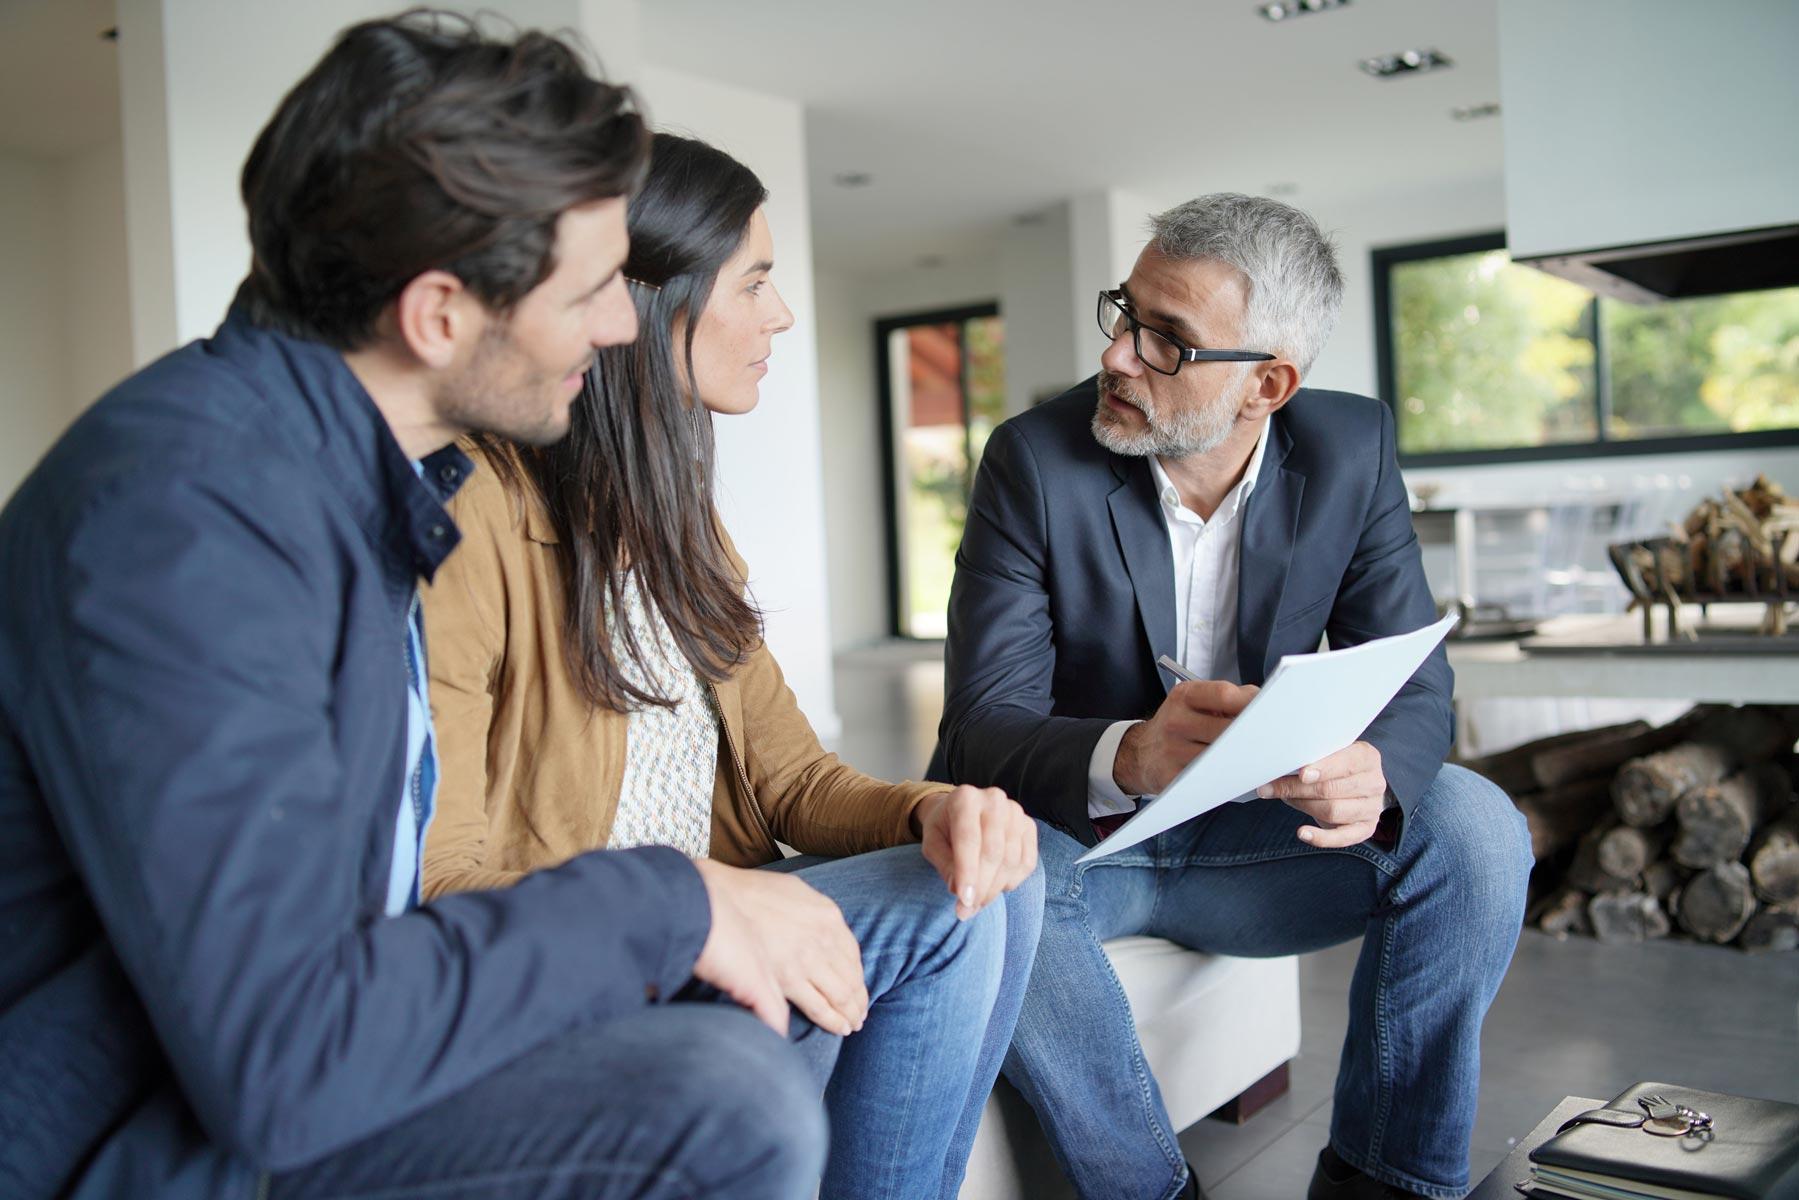 Bemerode, Versicherungsmakler, Finanzdienstleister, Unternehmensberatung